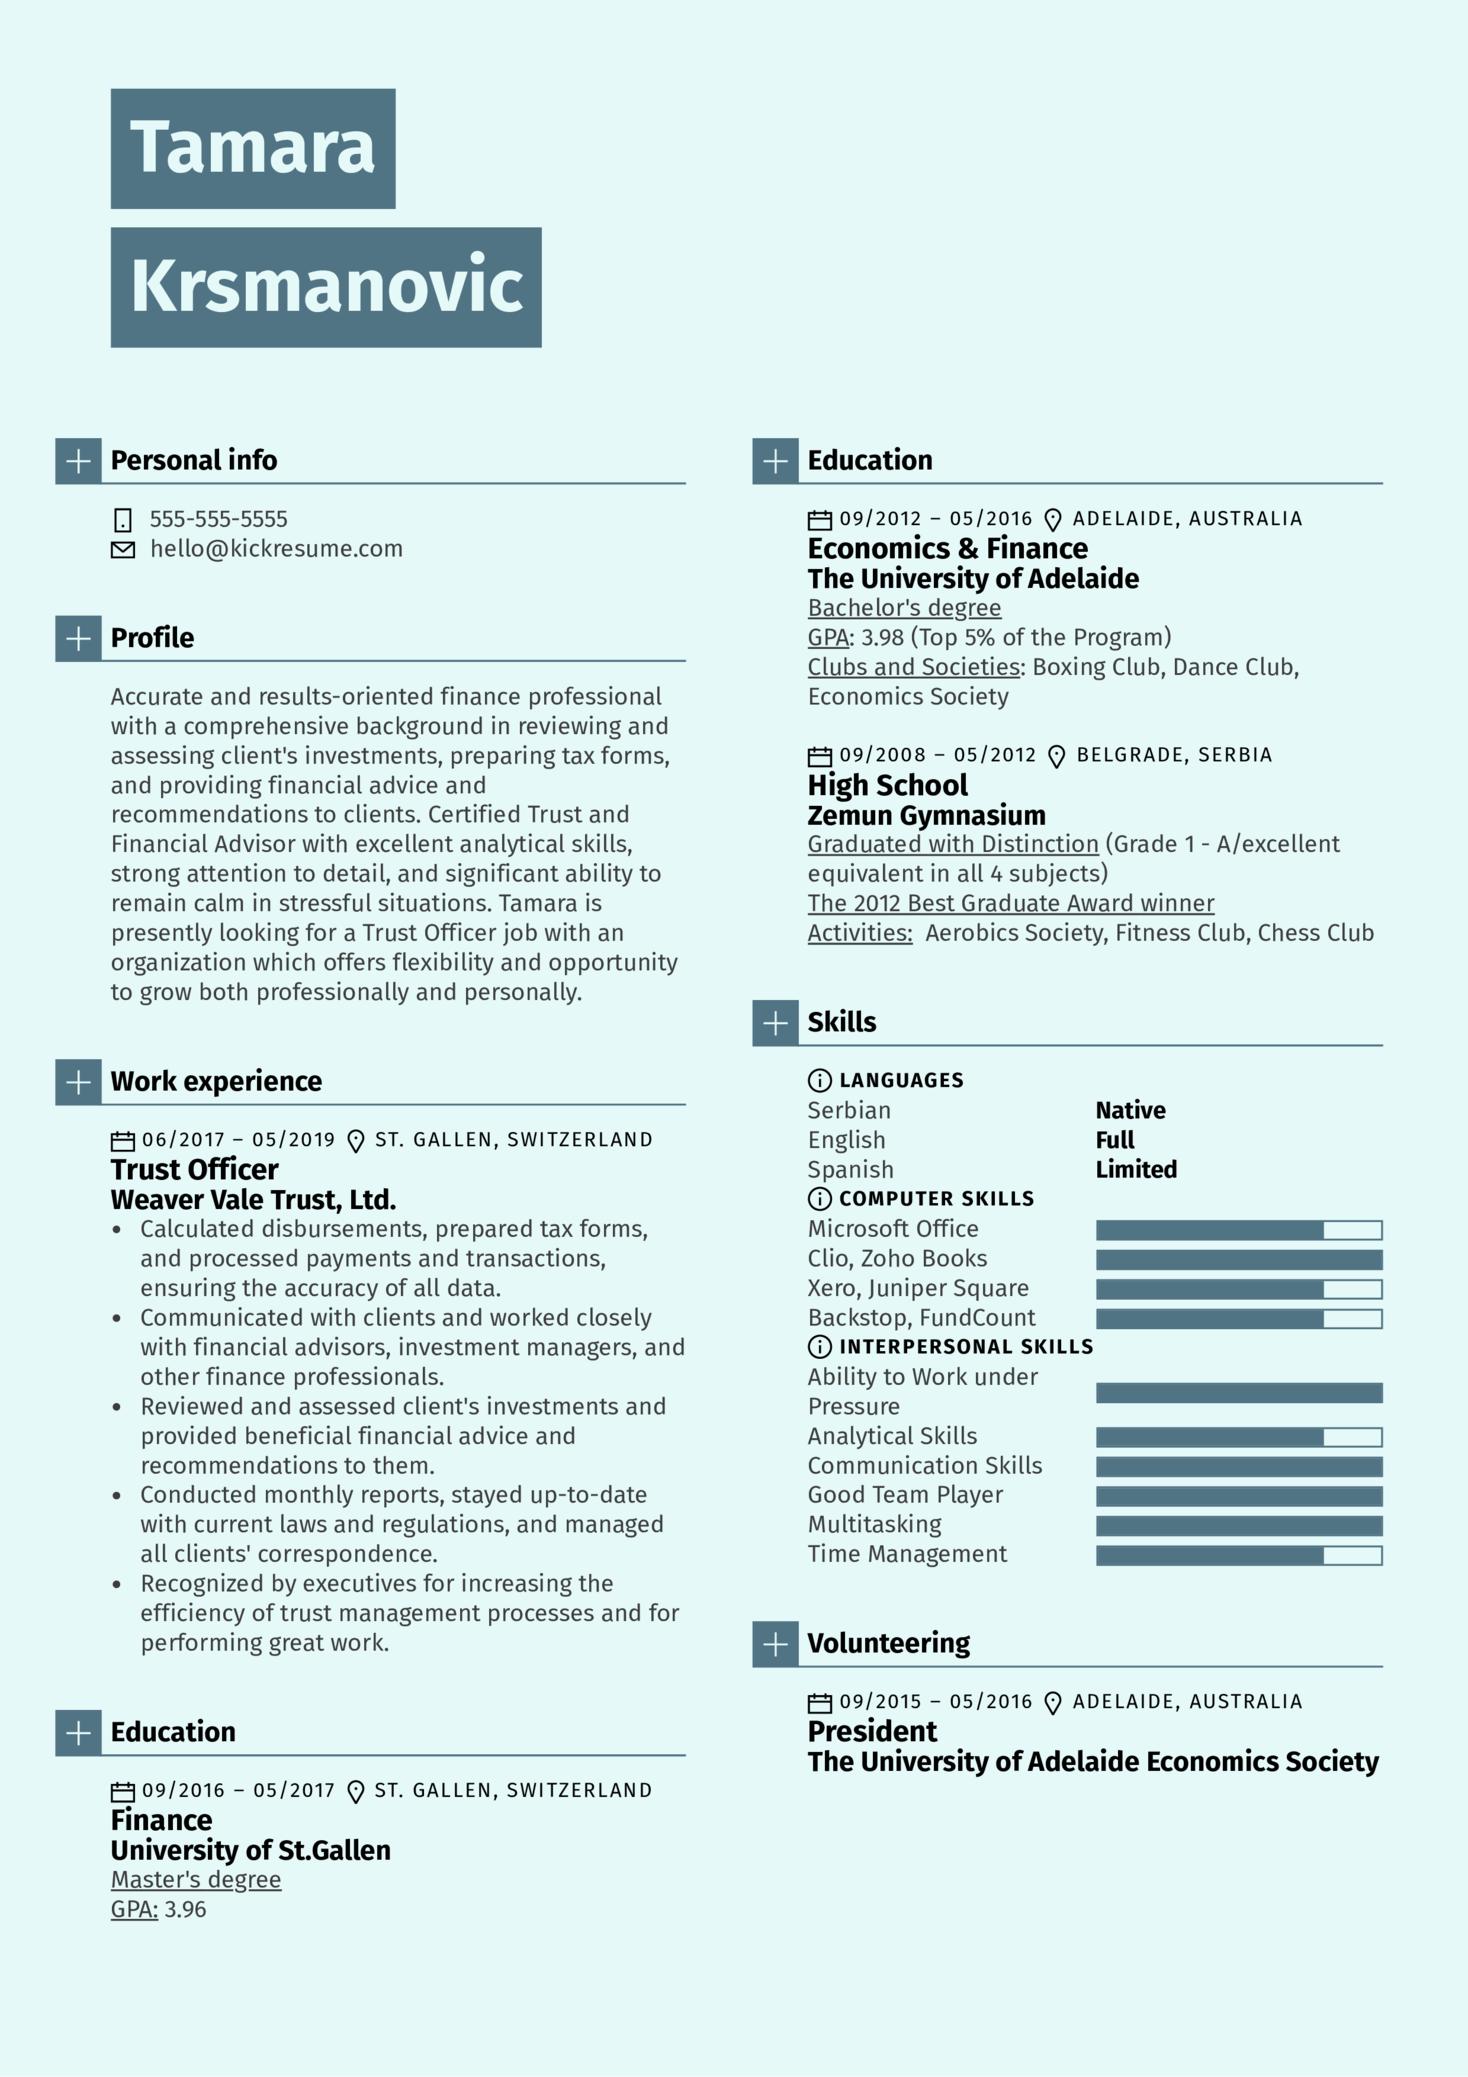 Trust Officer Resume Sample (parte 1)